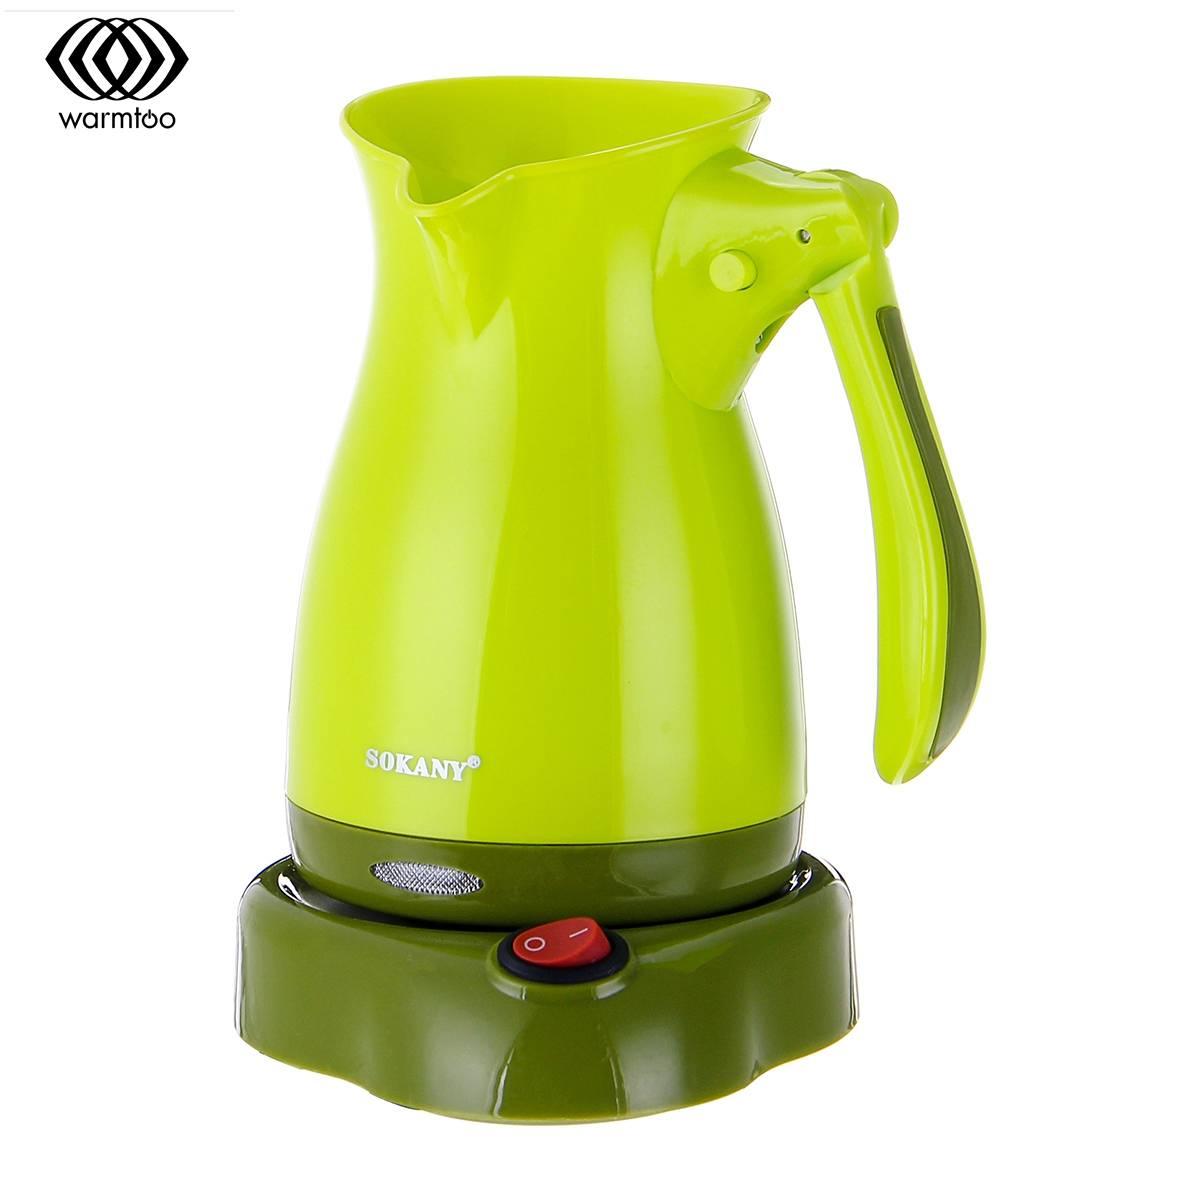 غلاية قهوة كهربائية 220 فولت 5 لتر للمطبخ والمكتب ، موقد ساخن ، للحليب والماء والقهوة والشاي